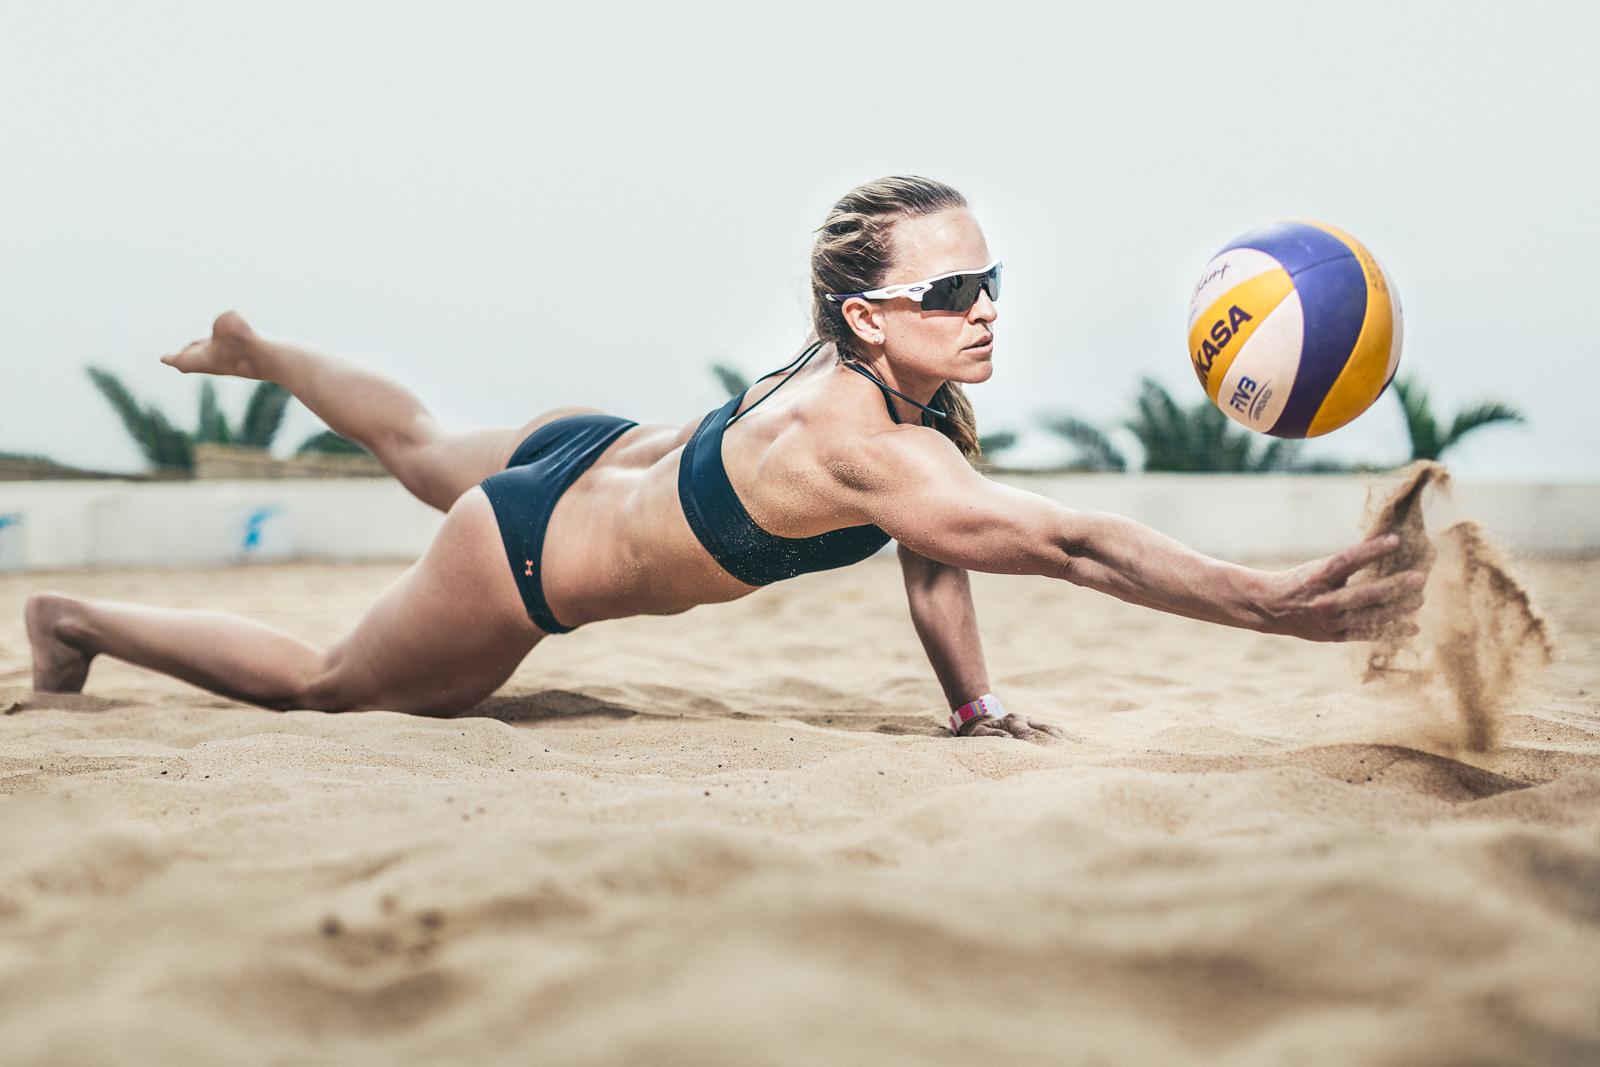 Nadine Zumkehr / Swatch Proteam